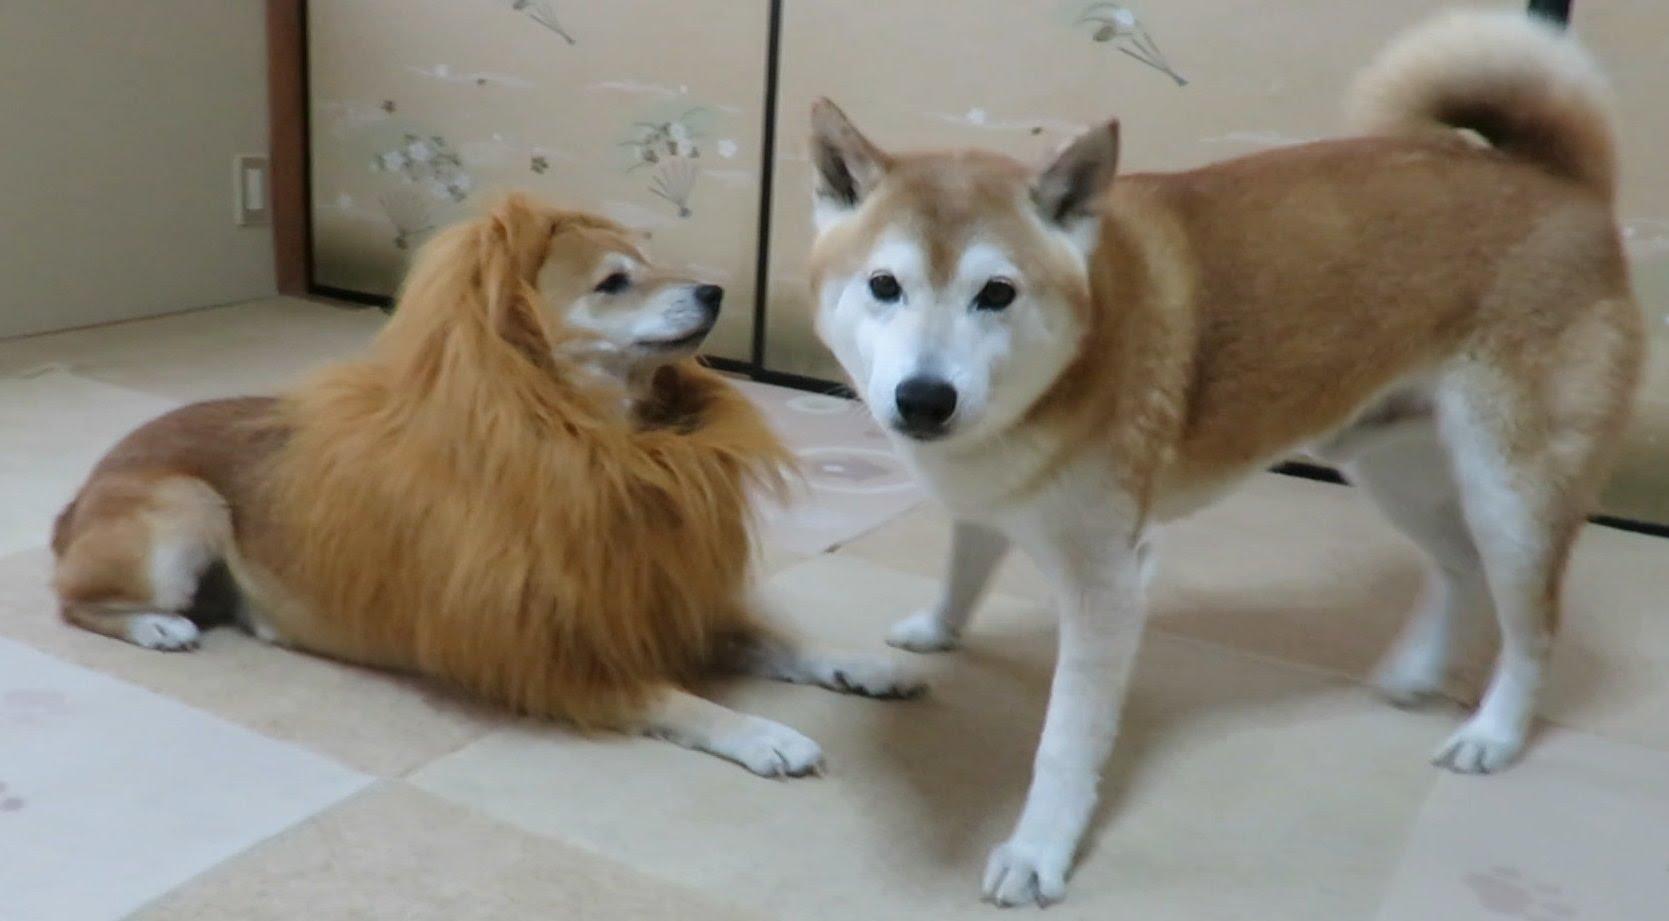 ライオンになった柴犬の可愛さが半端じゃない件。